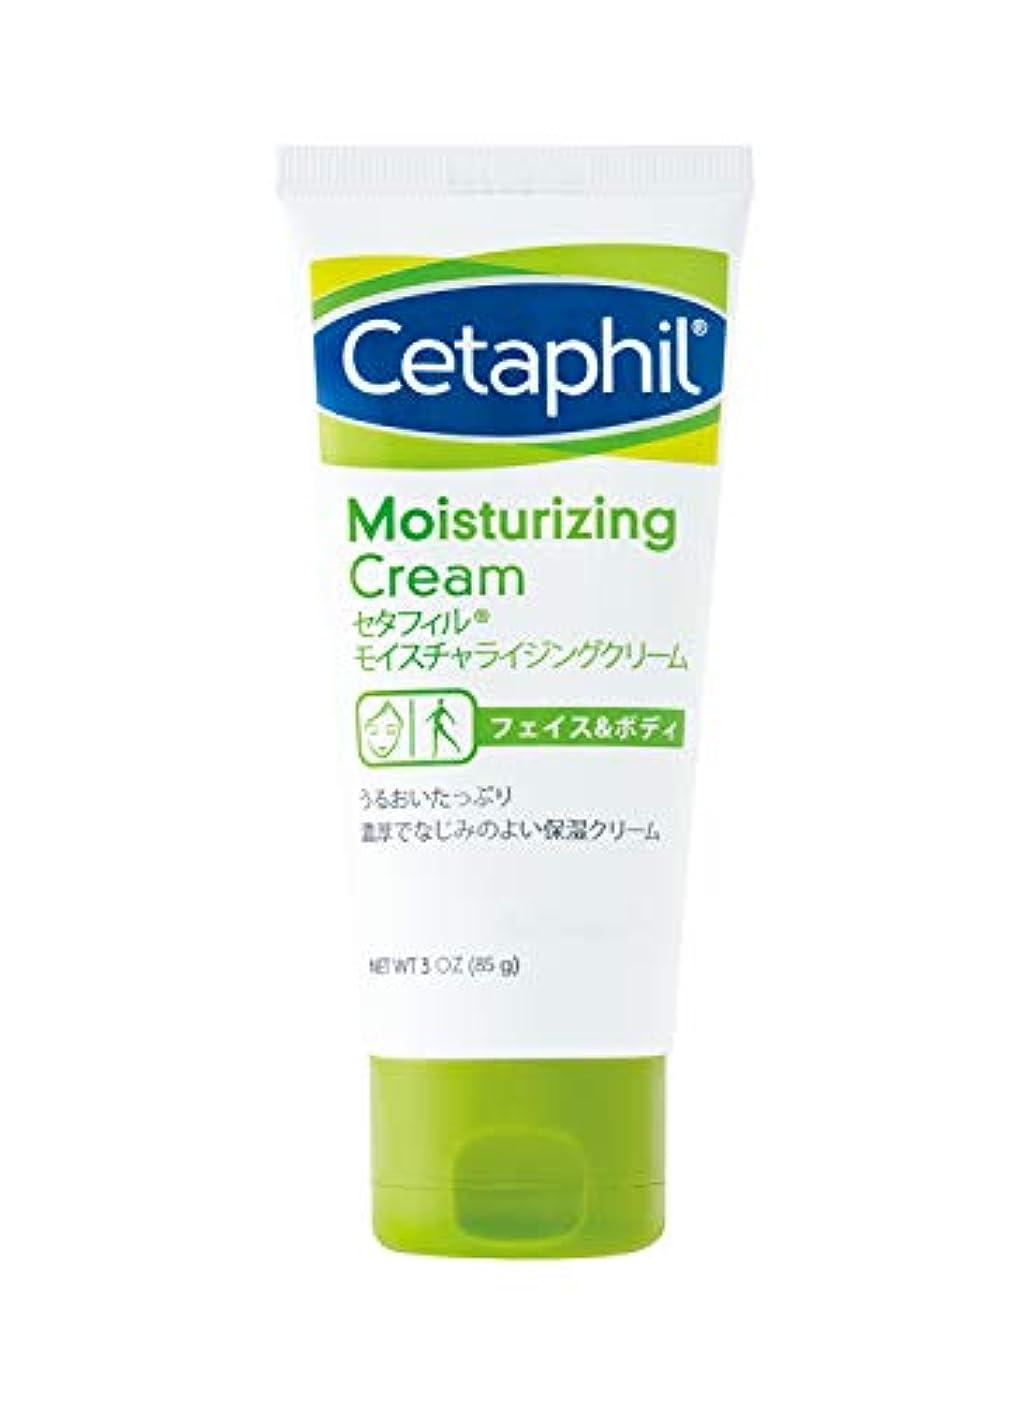 ふけるペリスコープグラフィックセタフィル Cetaphil ® モイスチャライジングクリーム 85g ( フェイス & ボディ 保湿クリーム クリーム )